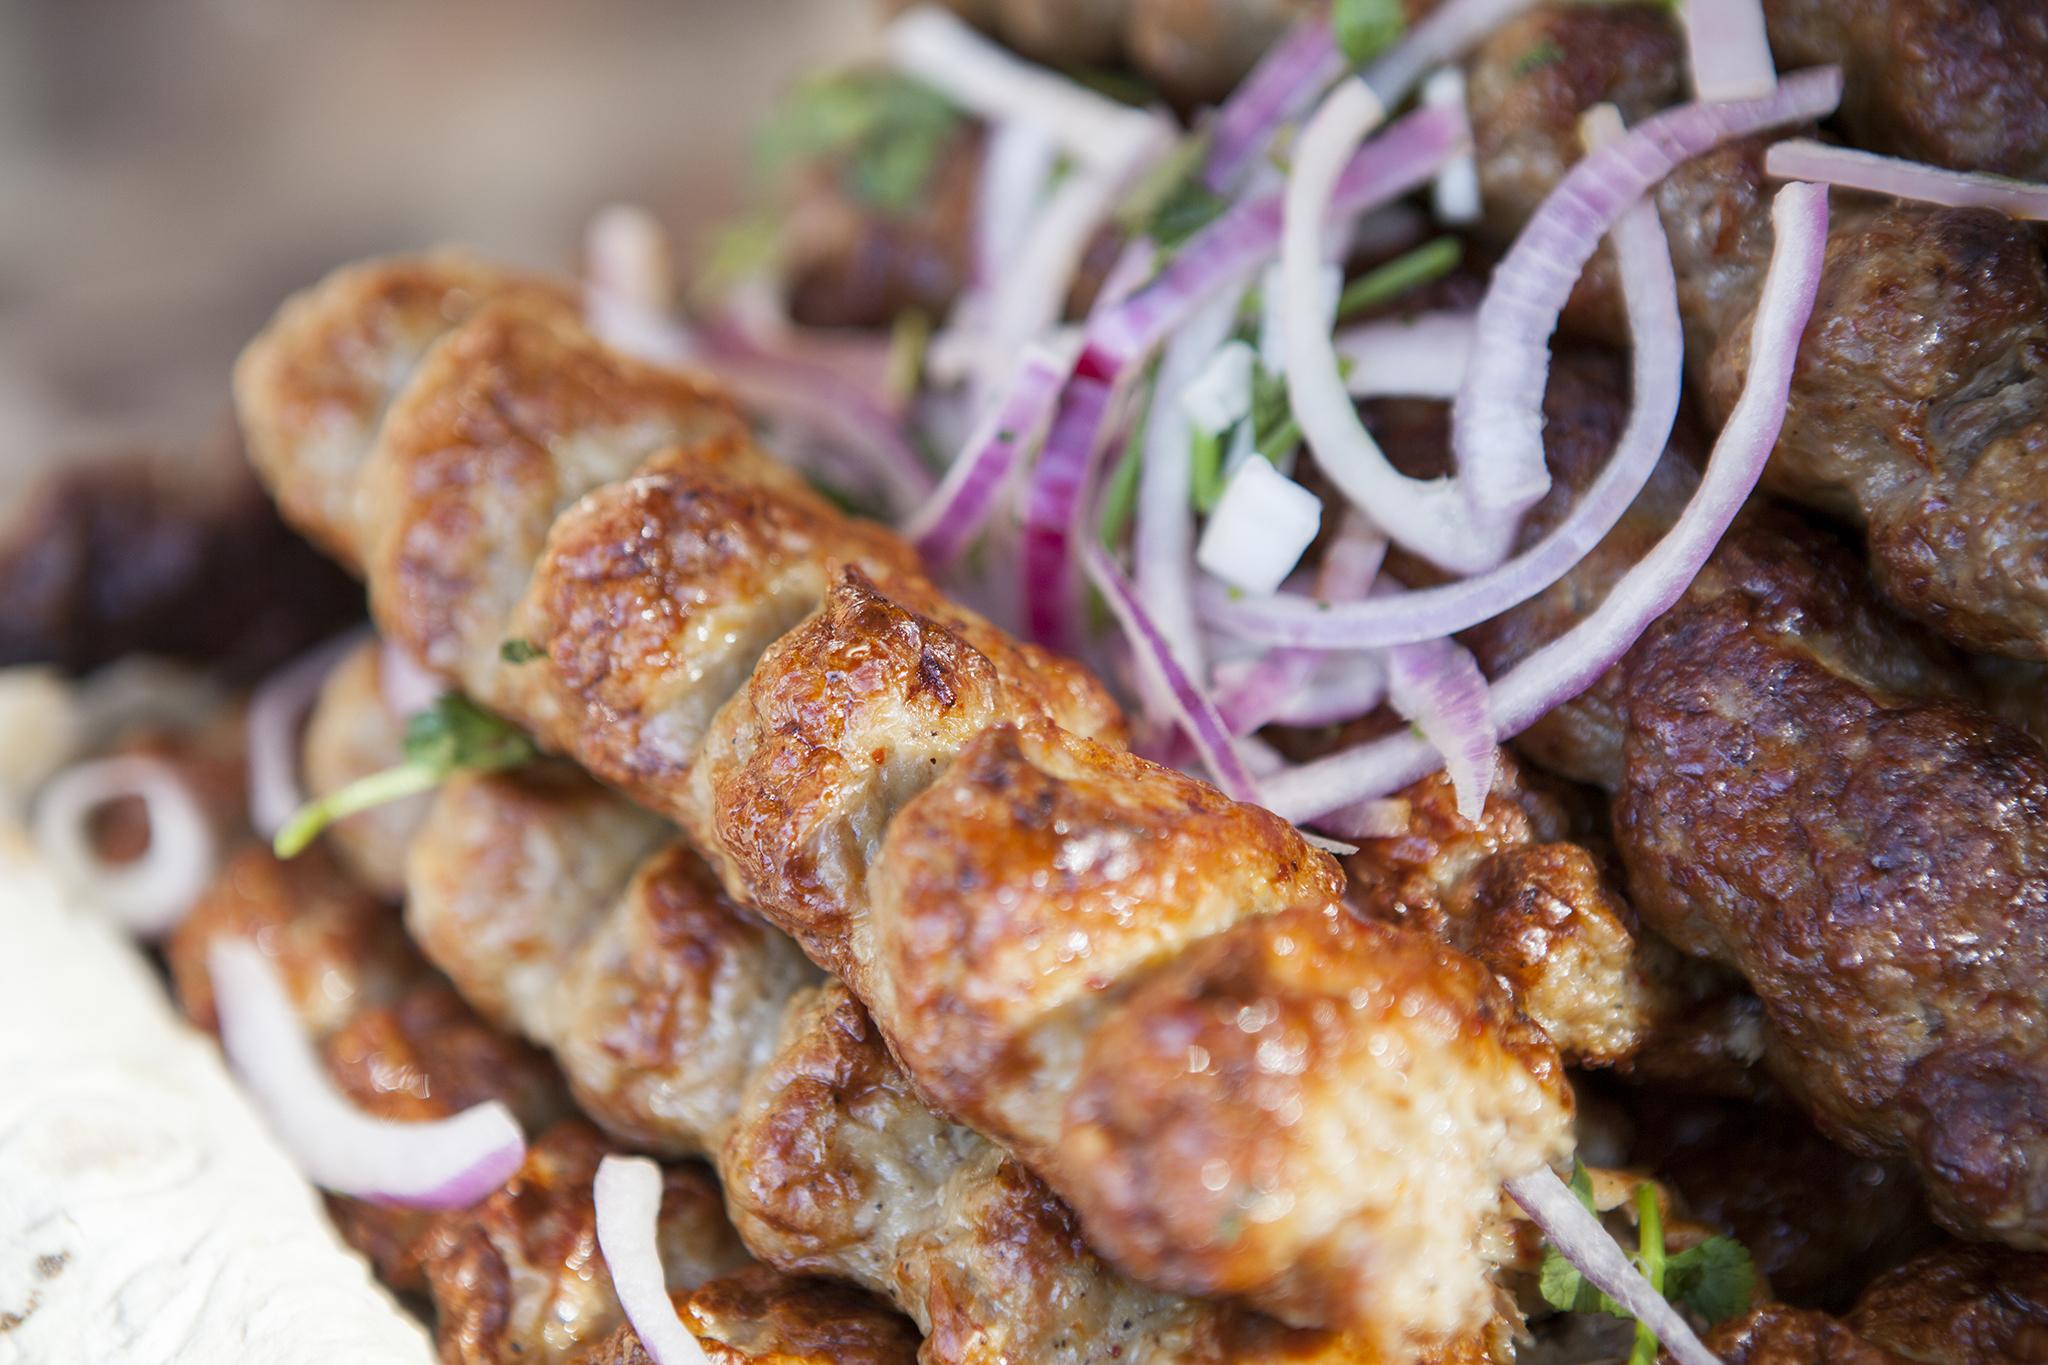 Karabagh Meat Market and Deli